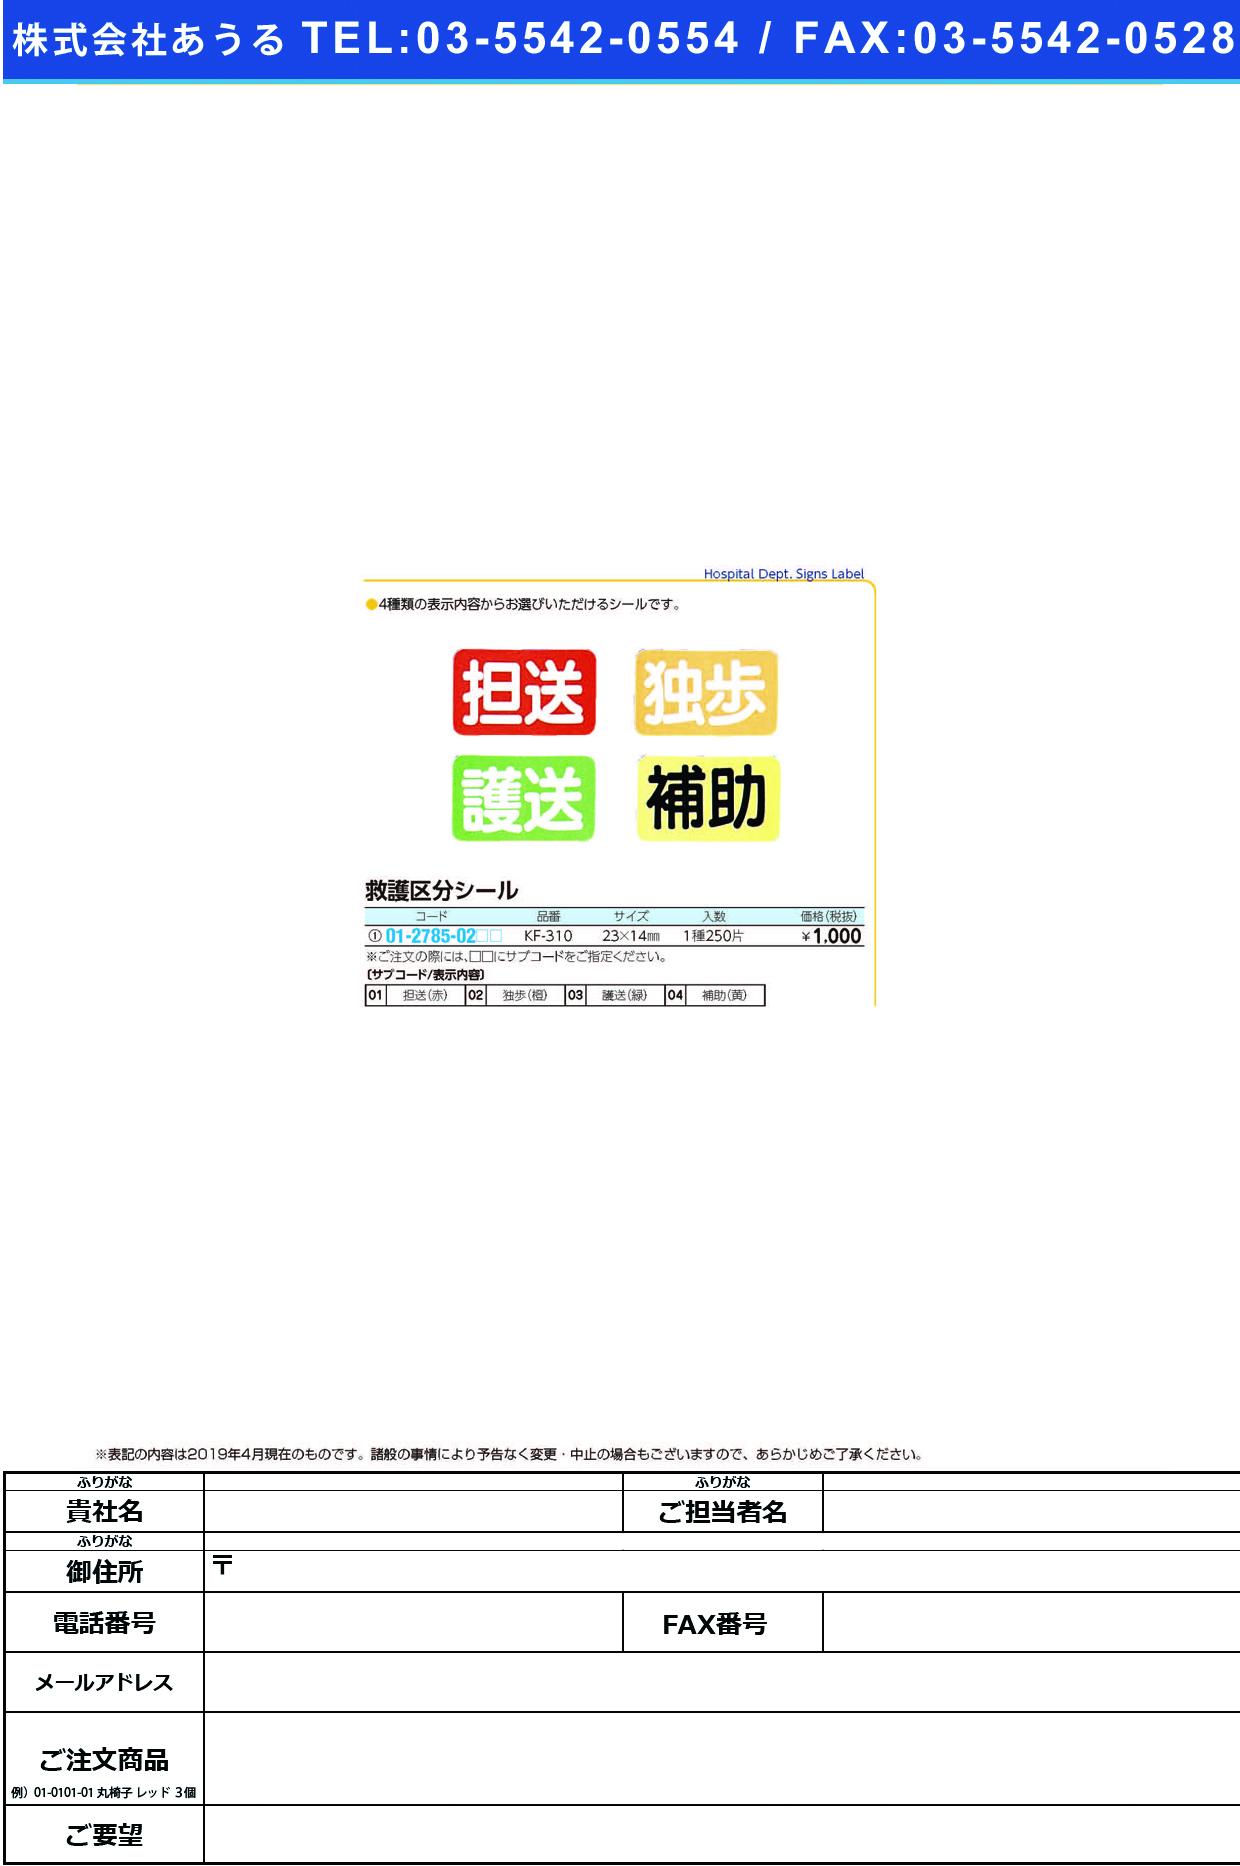 (01-2785-02)救護区分シール KF-310(250ヘンイリ) キュウゴクブンシール 護送(緑)(ケルン)【1袋単位】【2019年カタログ商品】